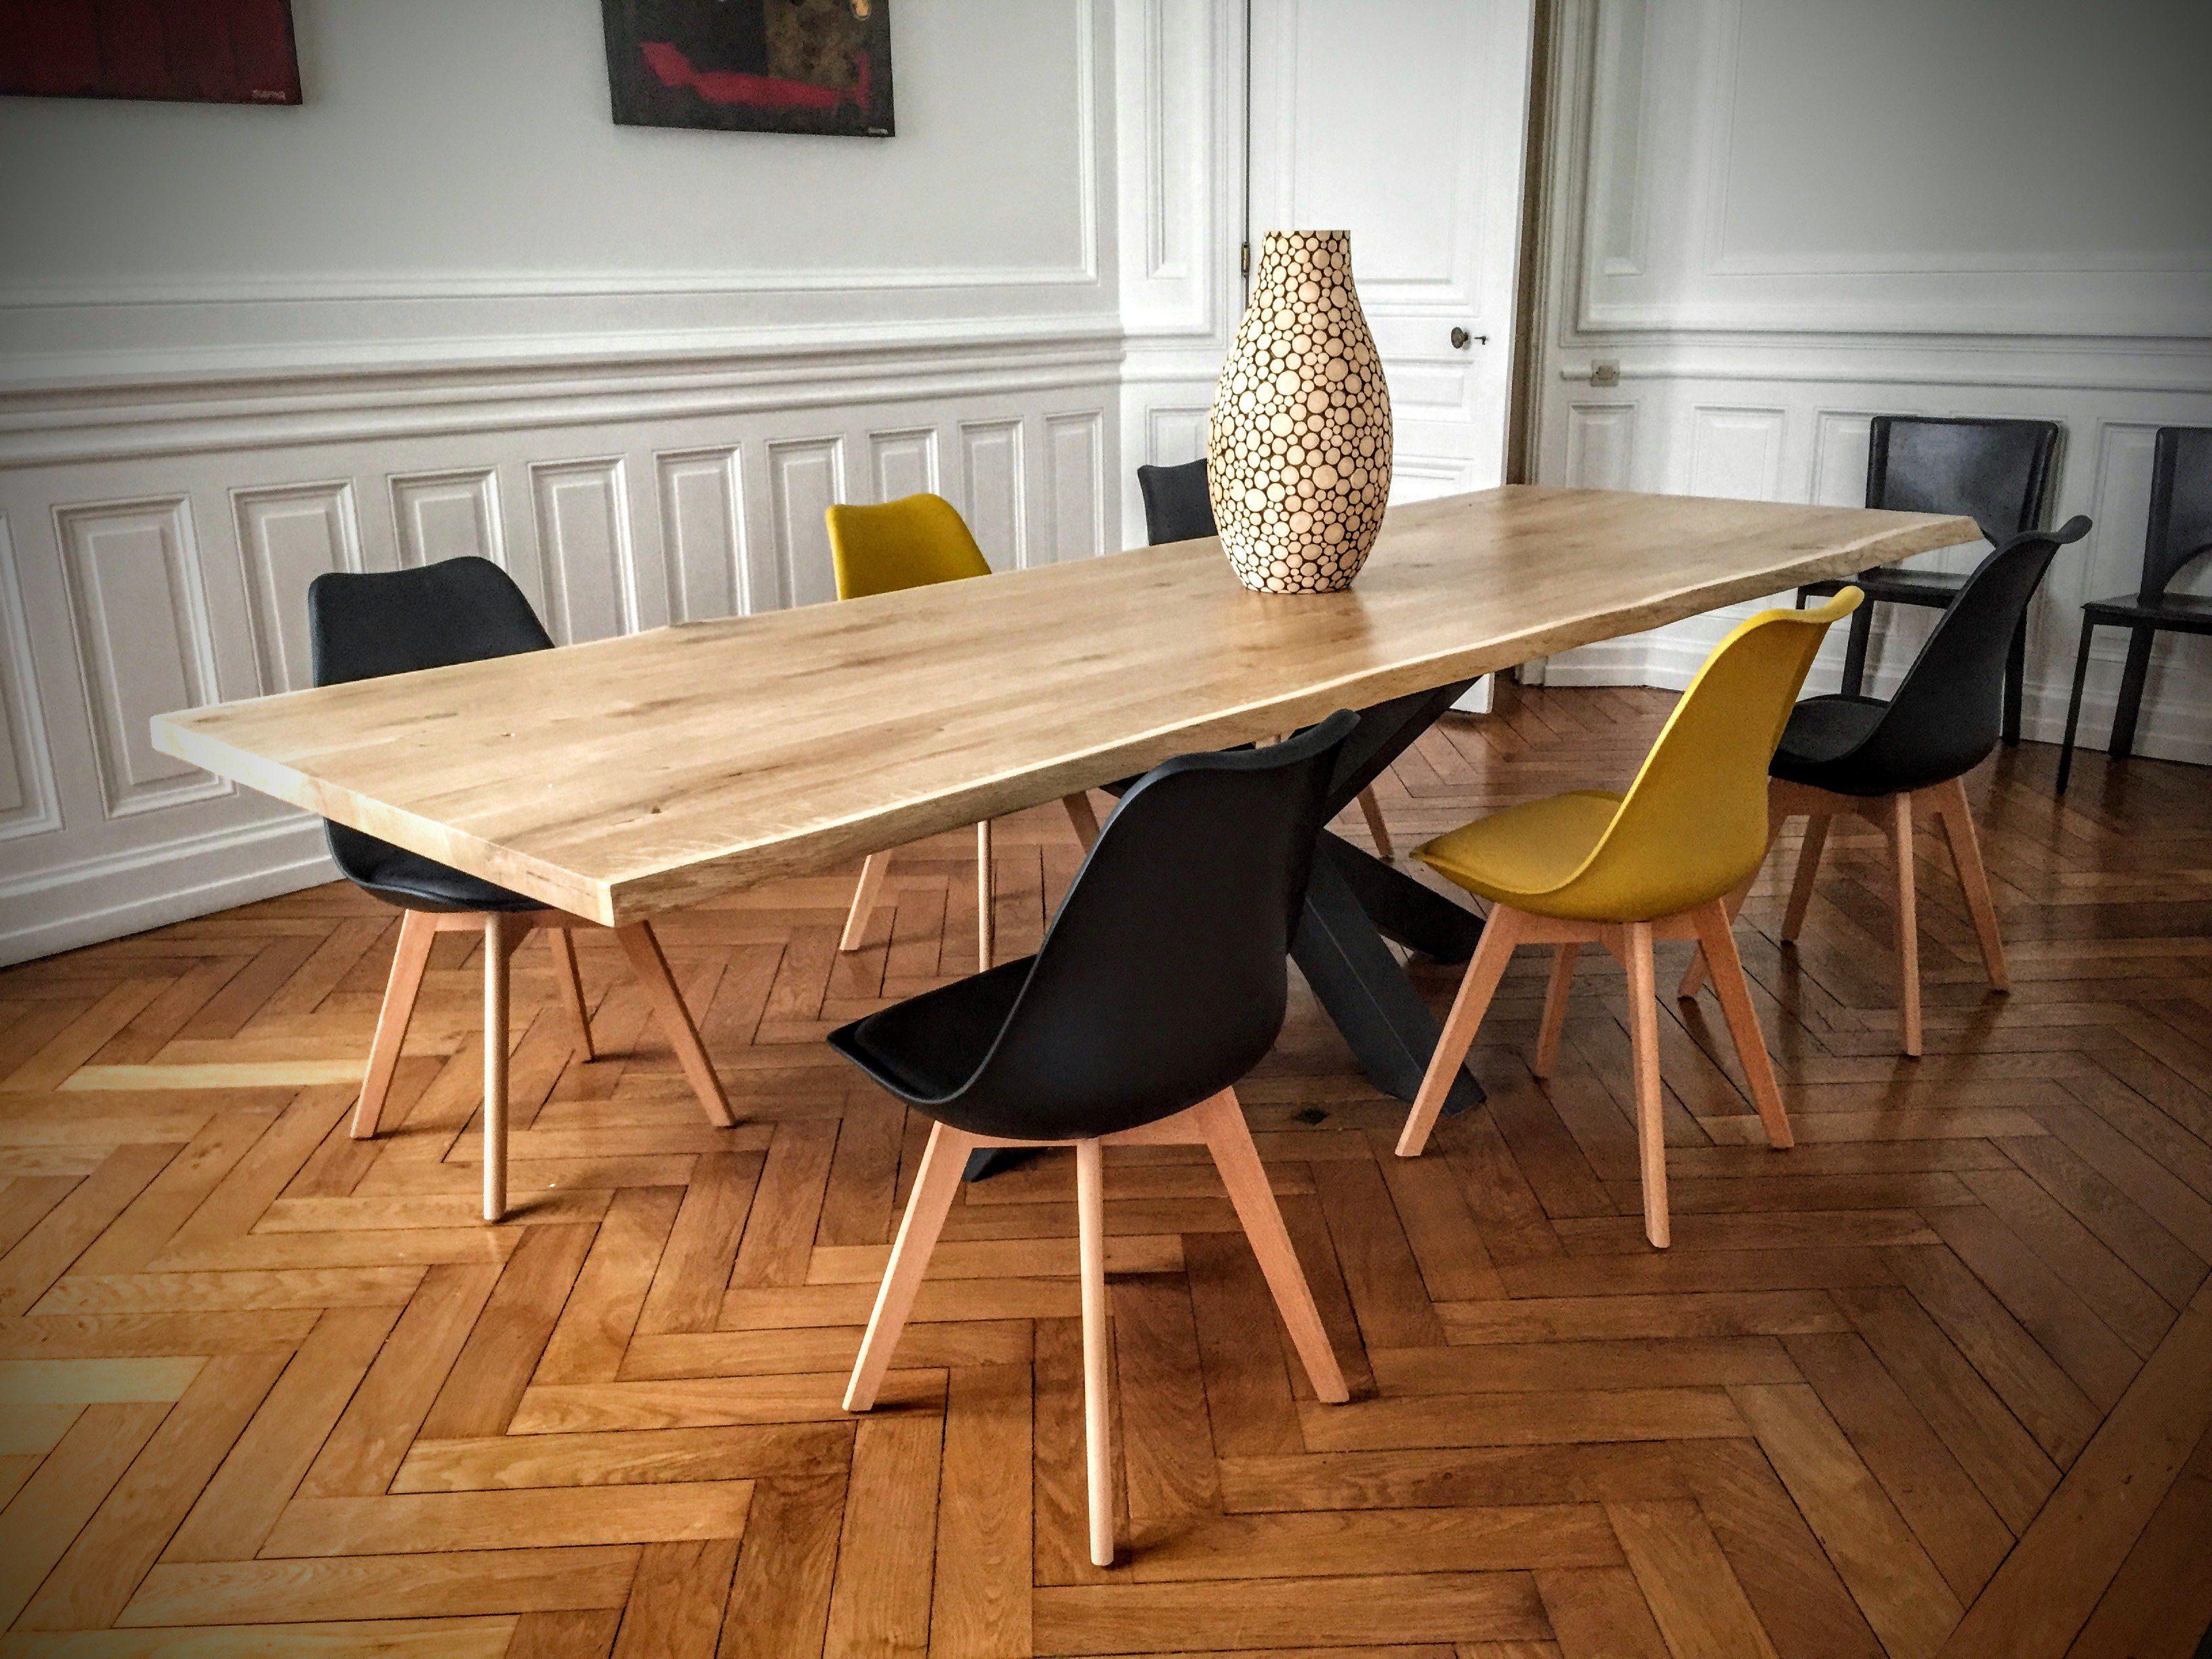 Table Bois Métal Pied central - Design Industriel